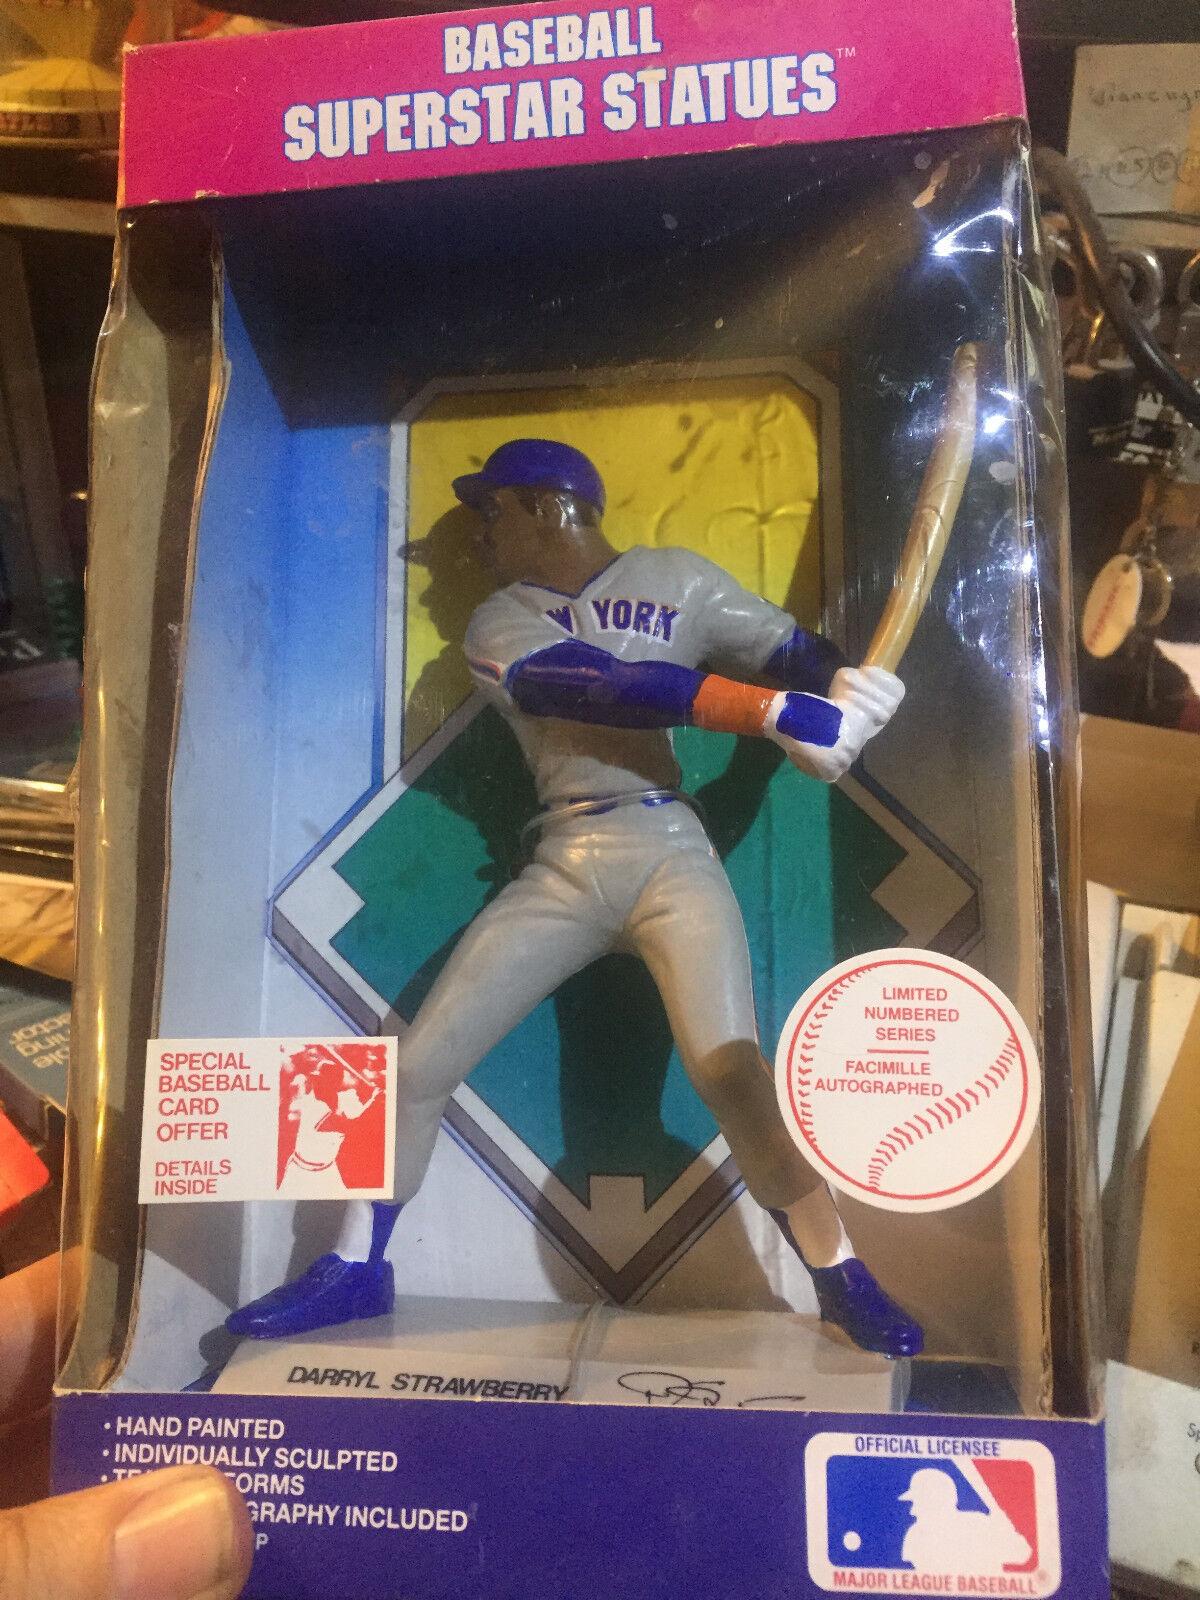 Darryl Strawberry --- 1988 béisbol Superstar estatuas --  nuevo